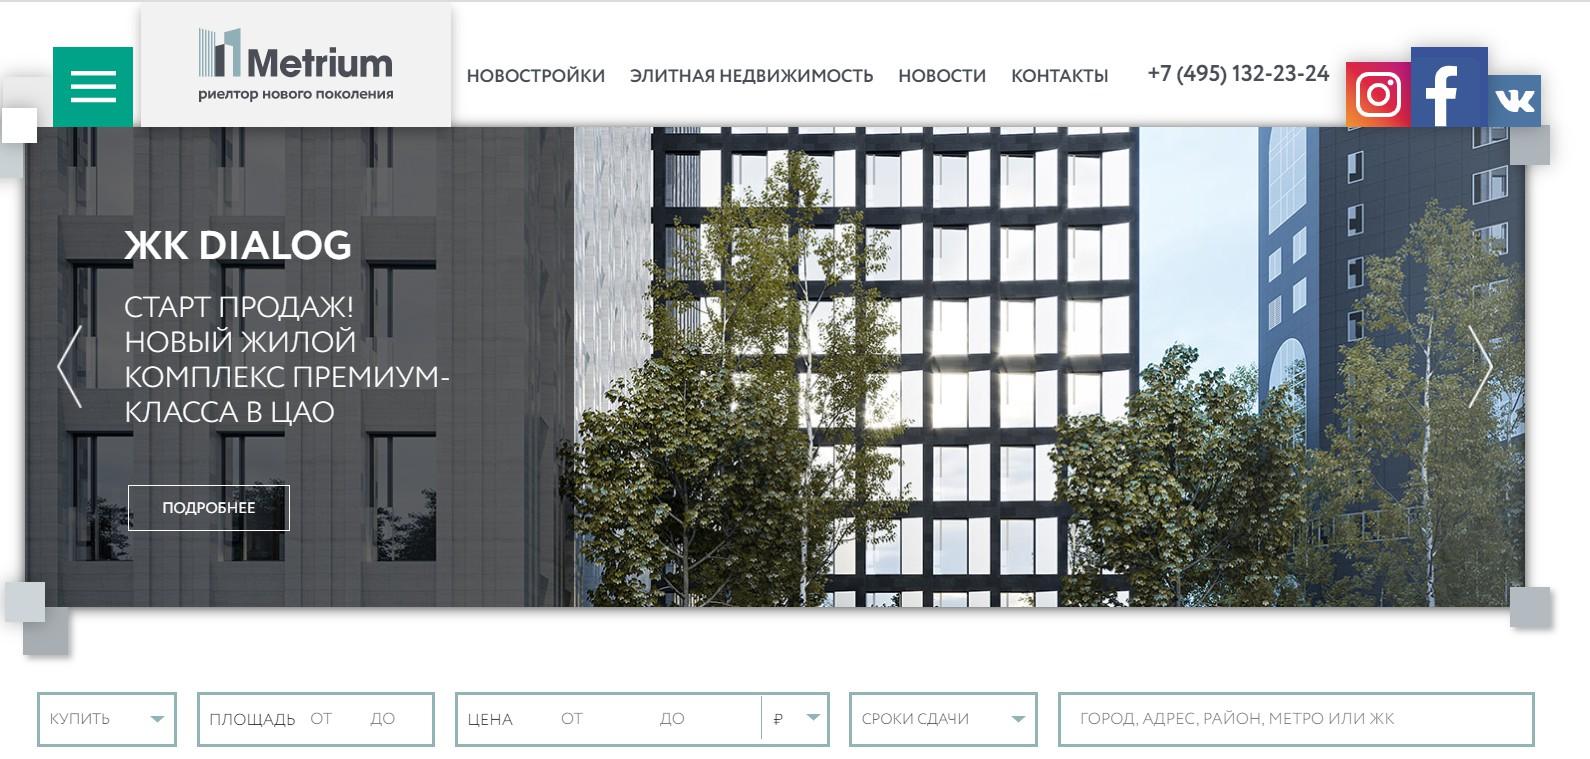 Элитная недвижимость Москвы: рекламные тексты для риелт компании